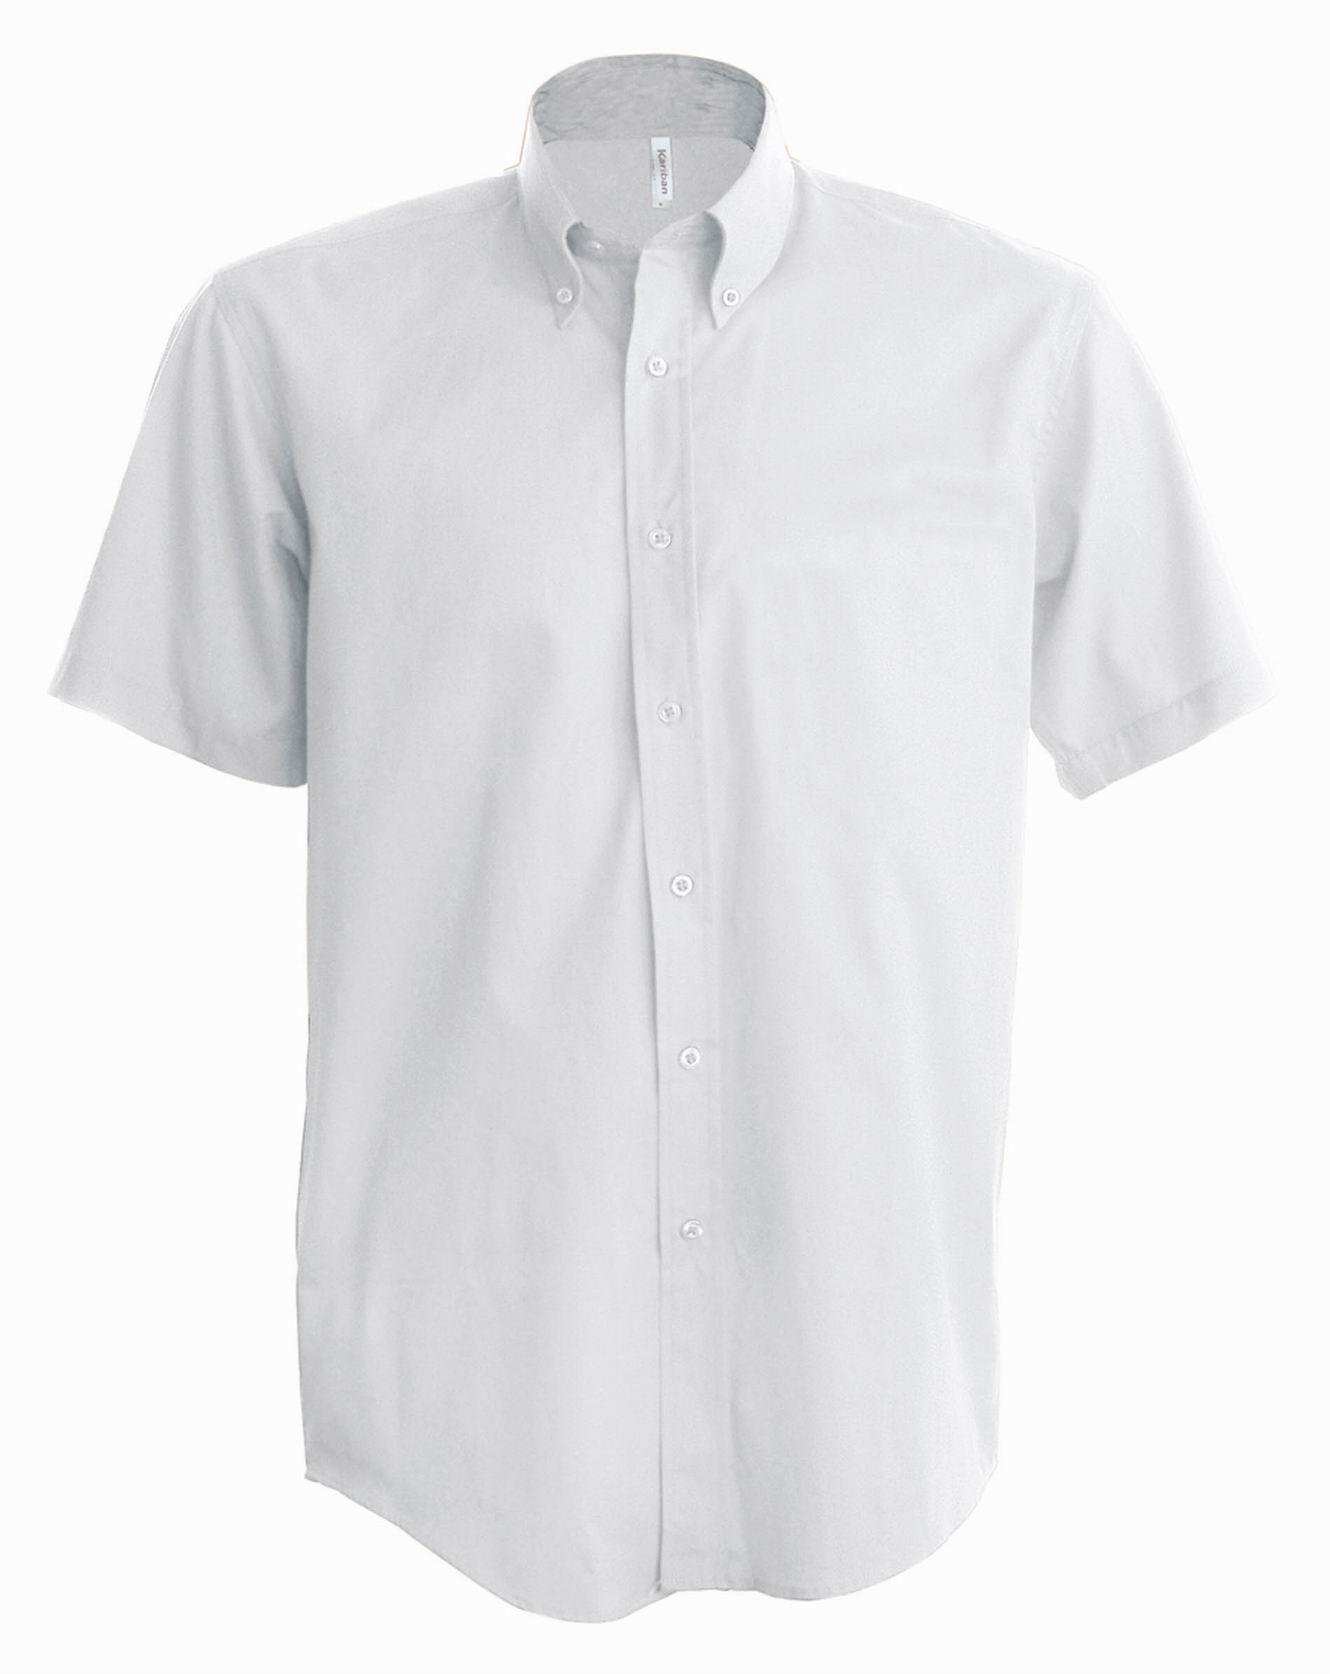 Pánská streèová košile s krátkým rukávem - zvìtšit obrázek